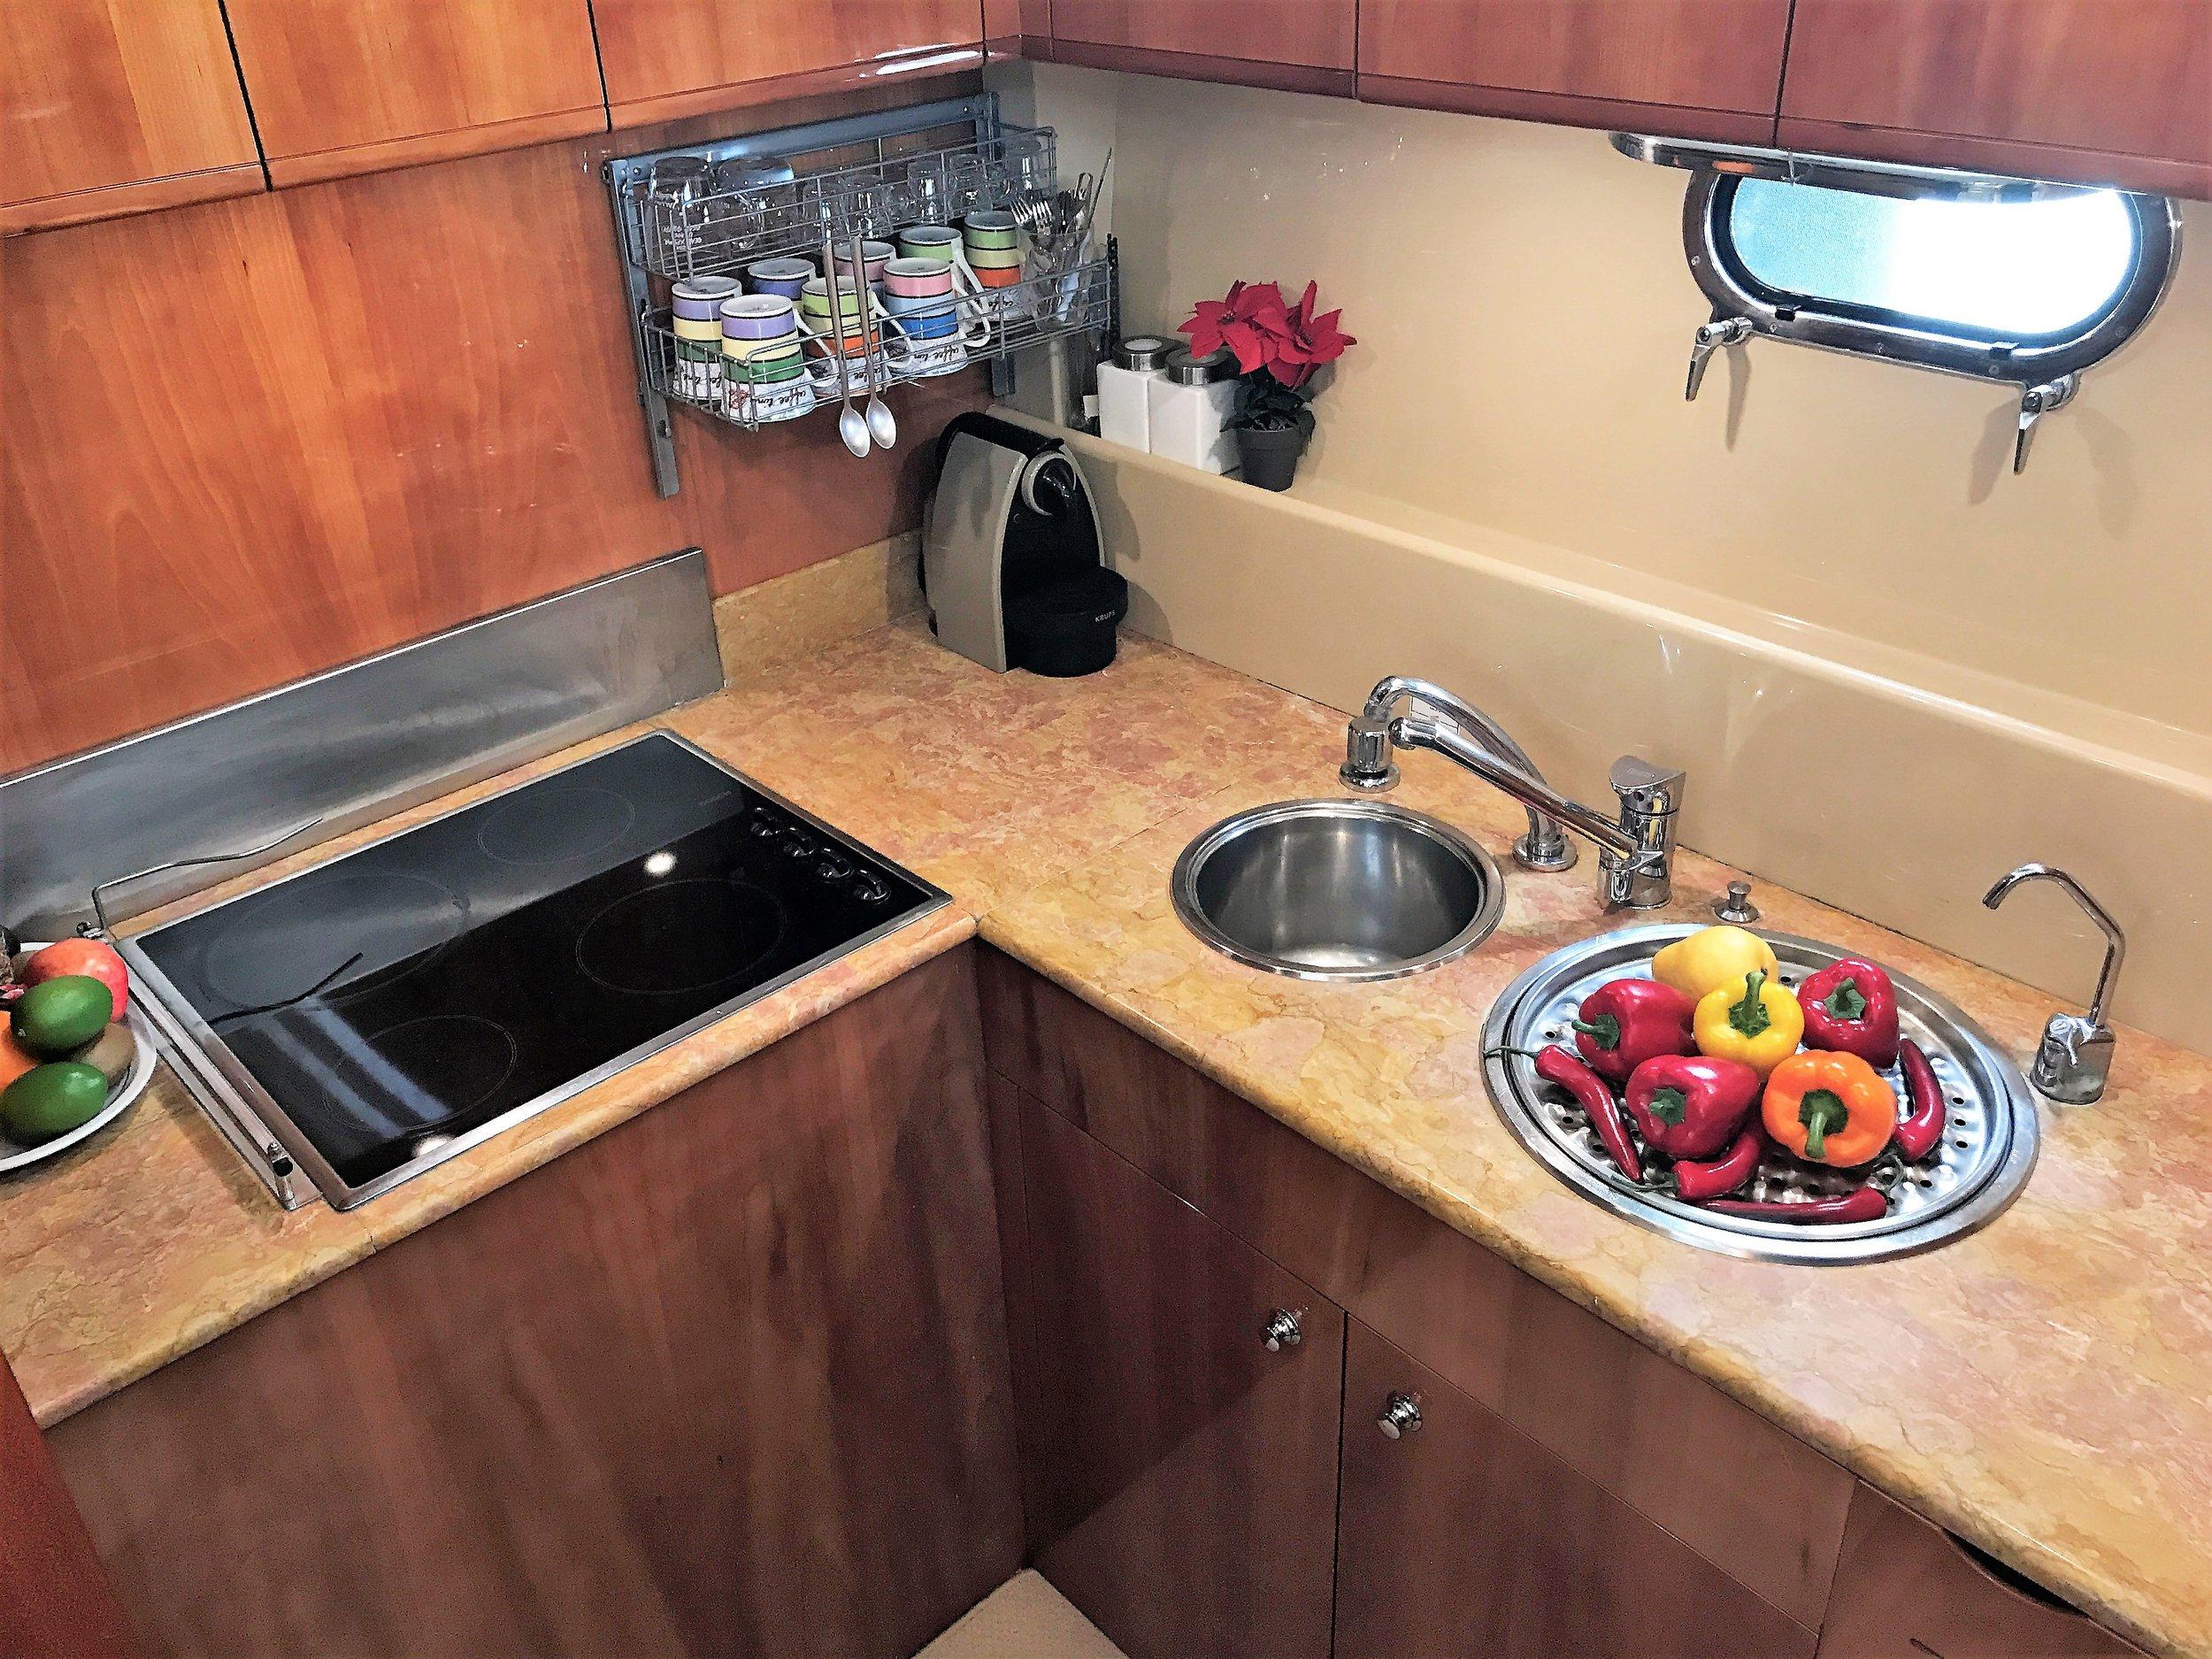 Fer59_kitchen 1.JPG